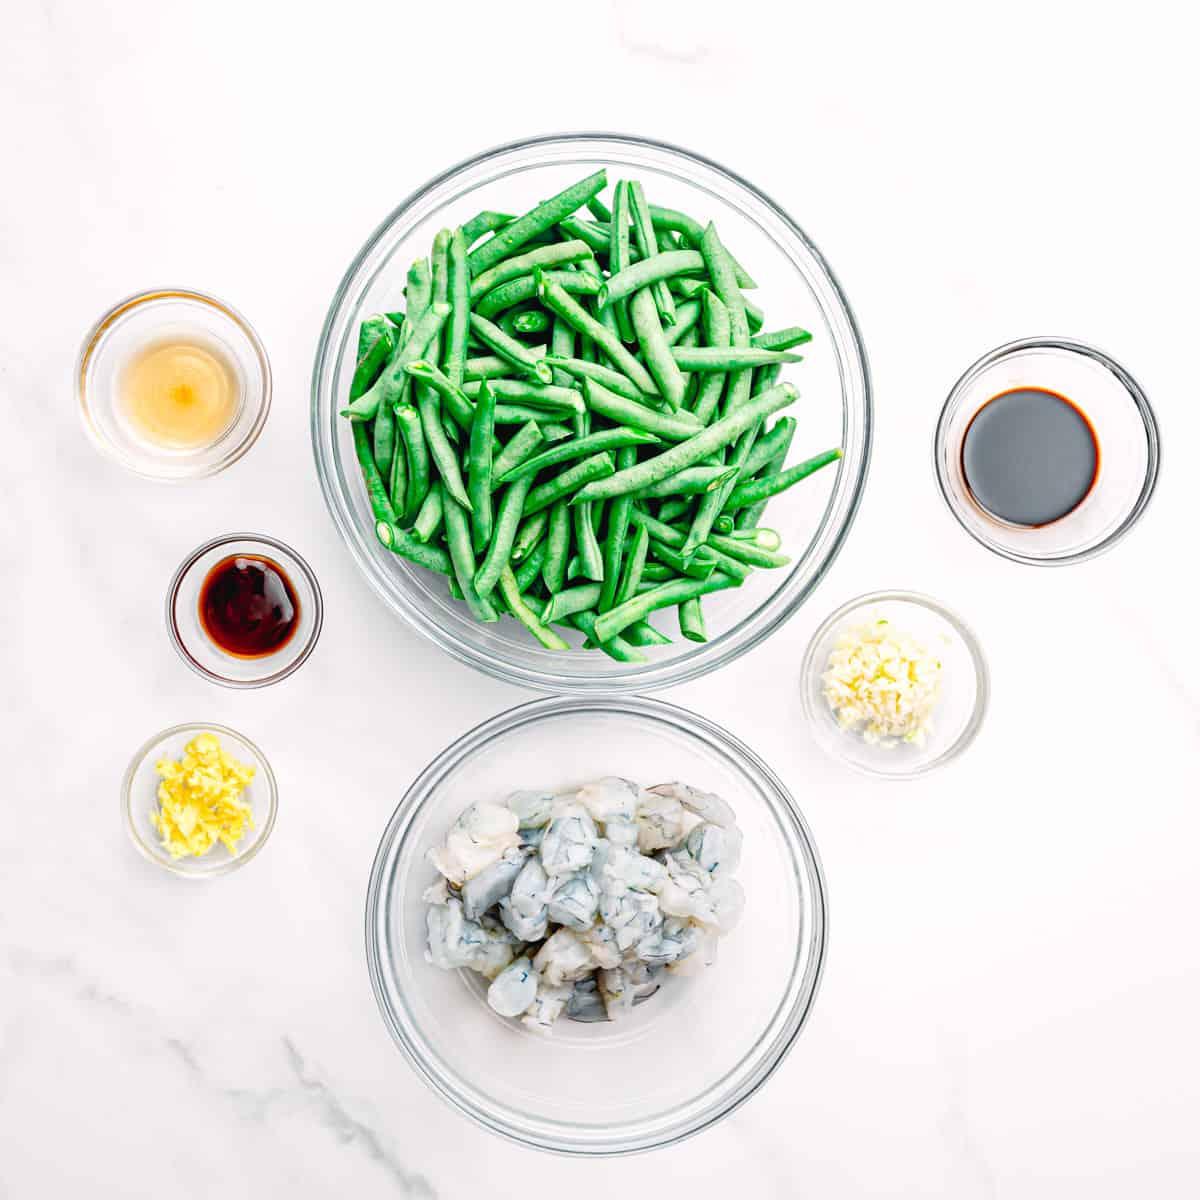 stir fry ingredients.